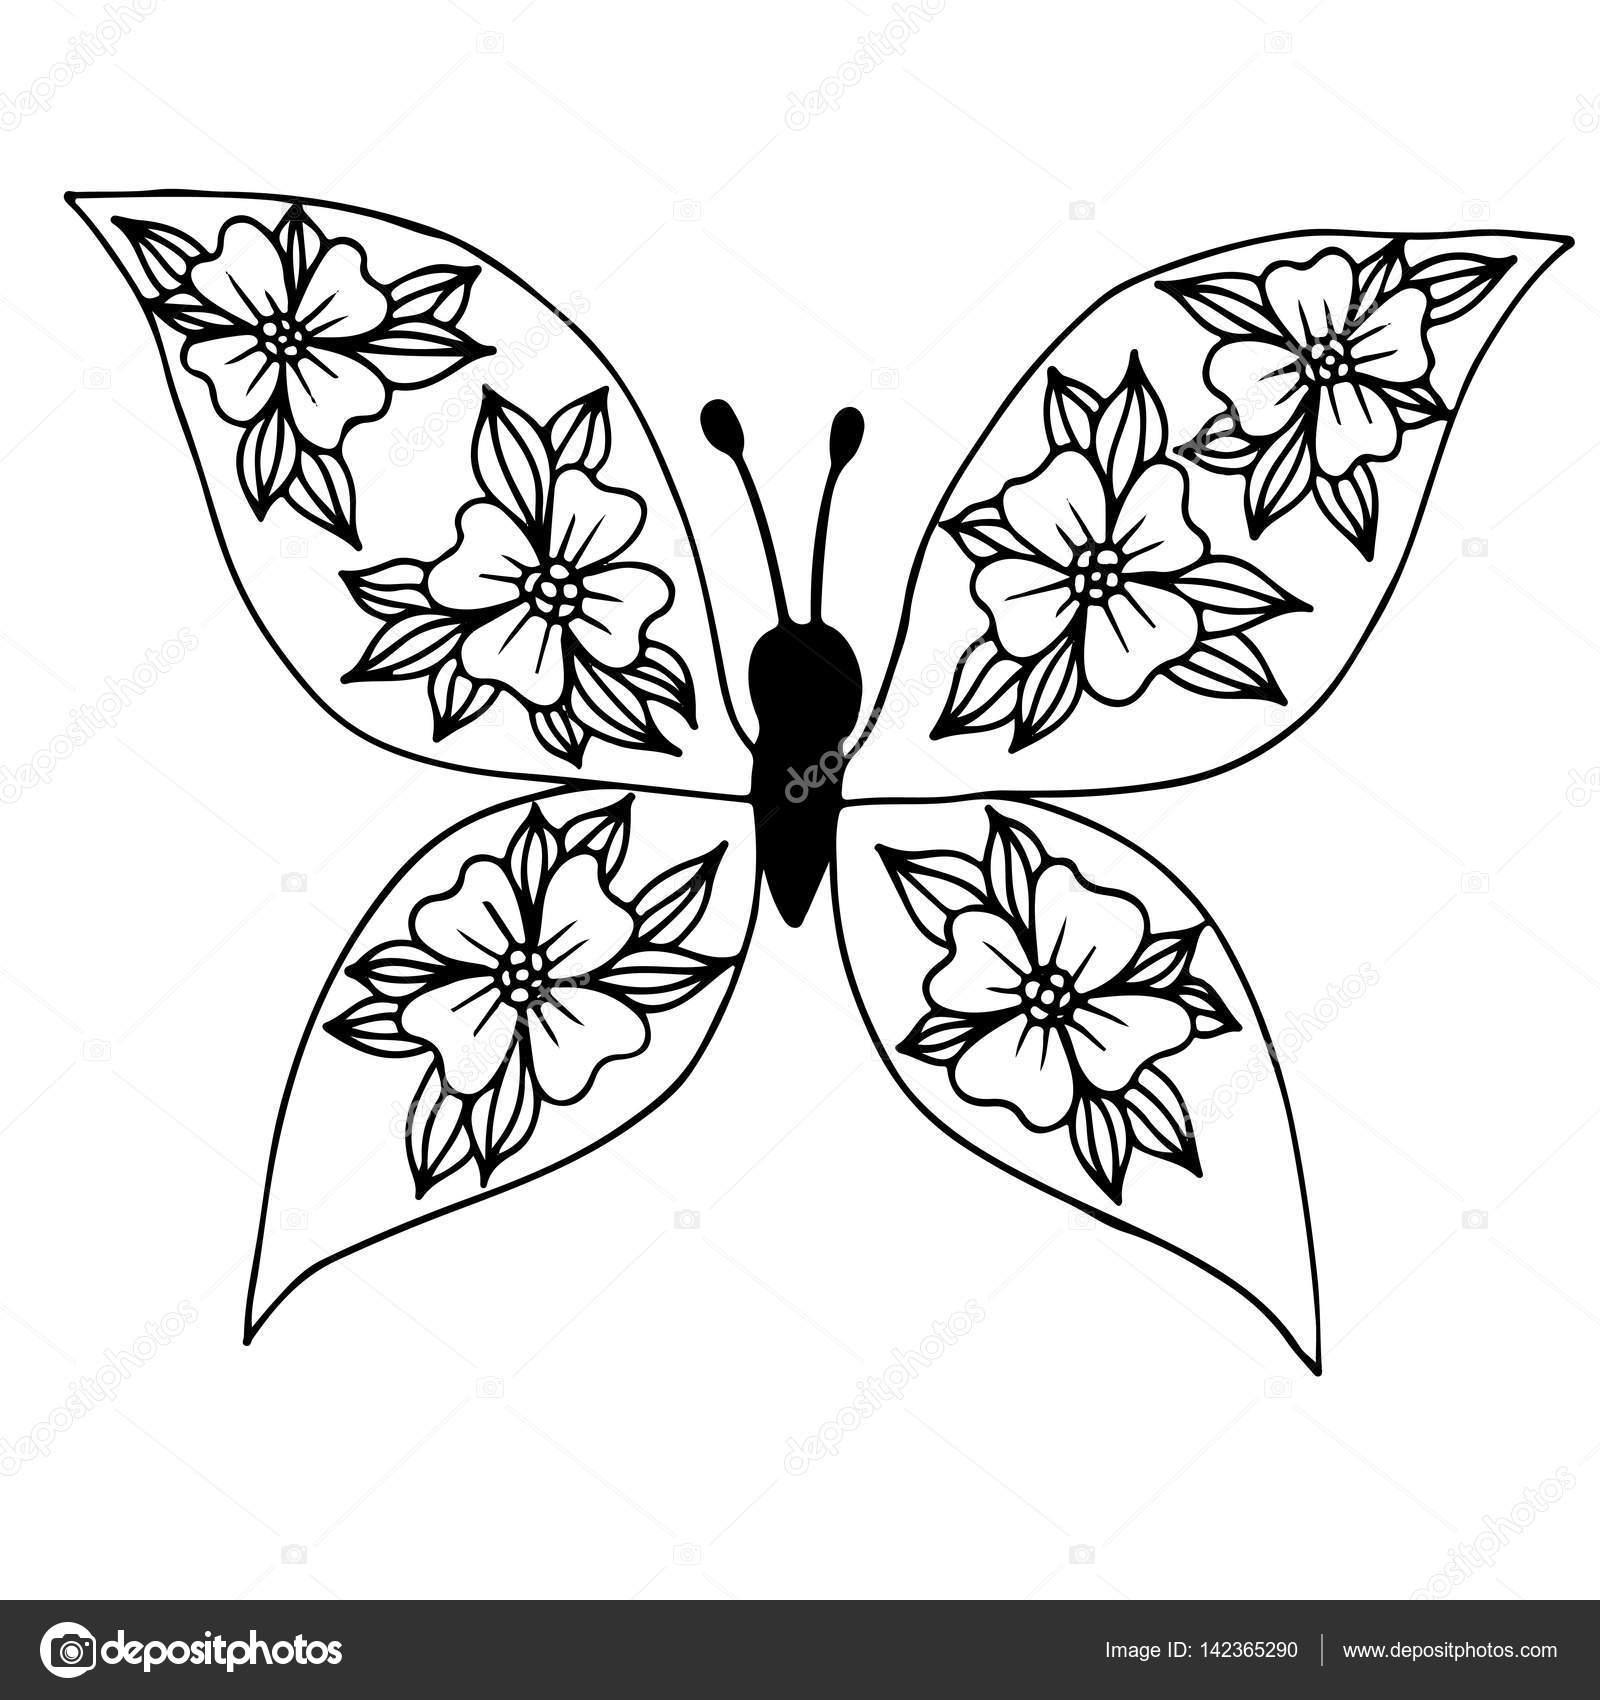 Mariposa línea negra con flores en el ala para el tatuaje, colorin ...